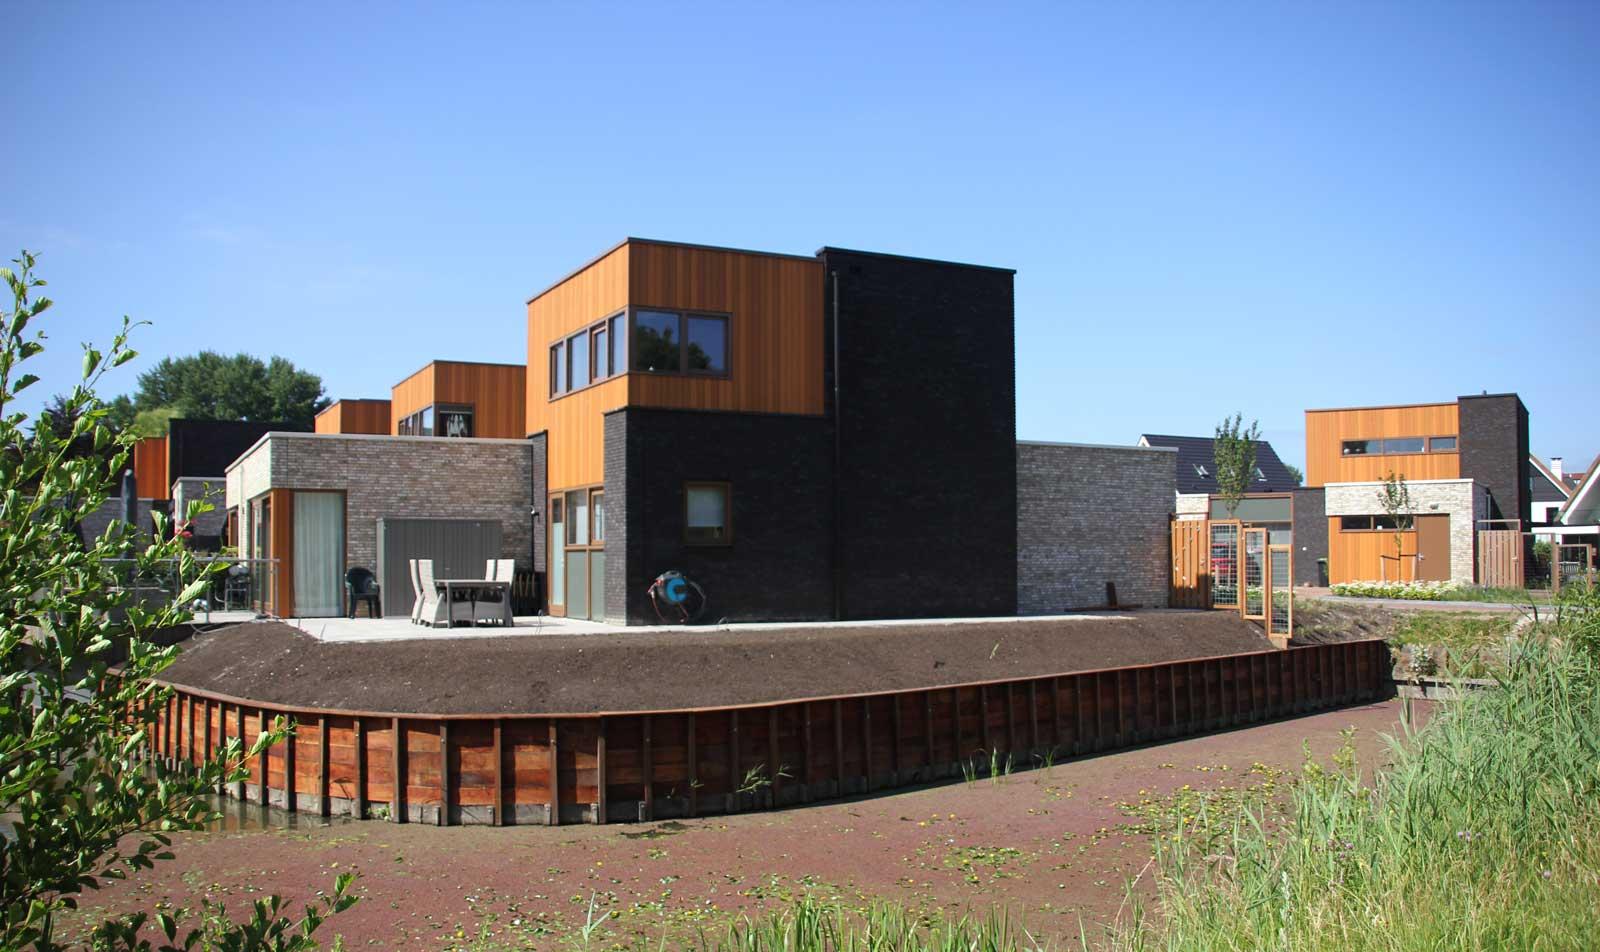 Teylingerhof Bleiswijk CPO Patiowoningen - Kopgevel